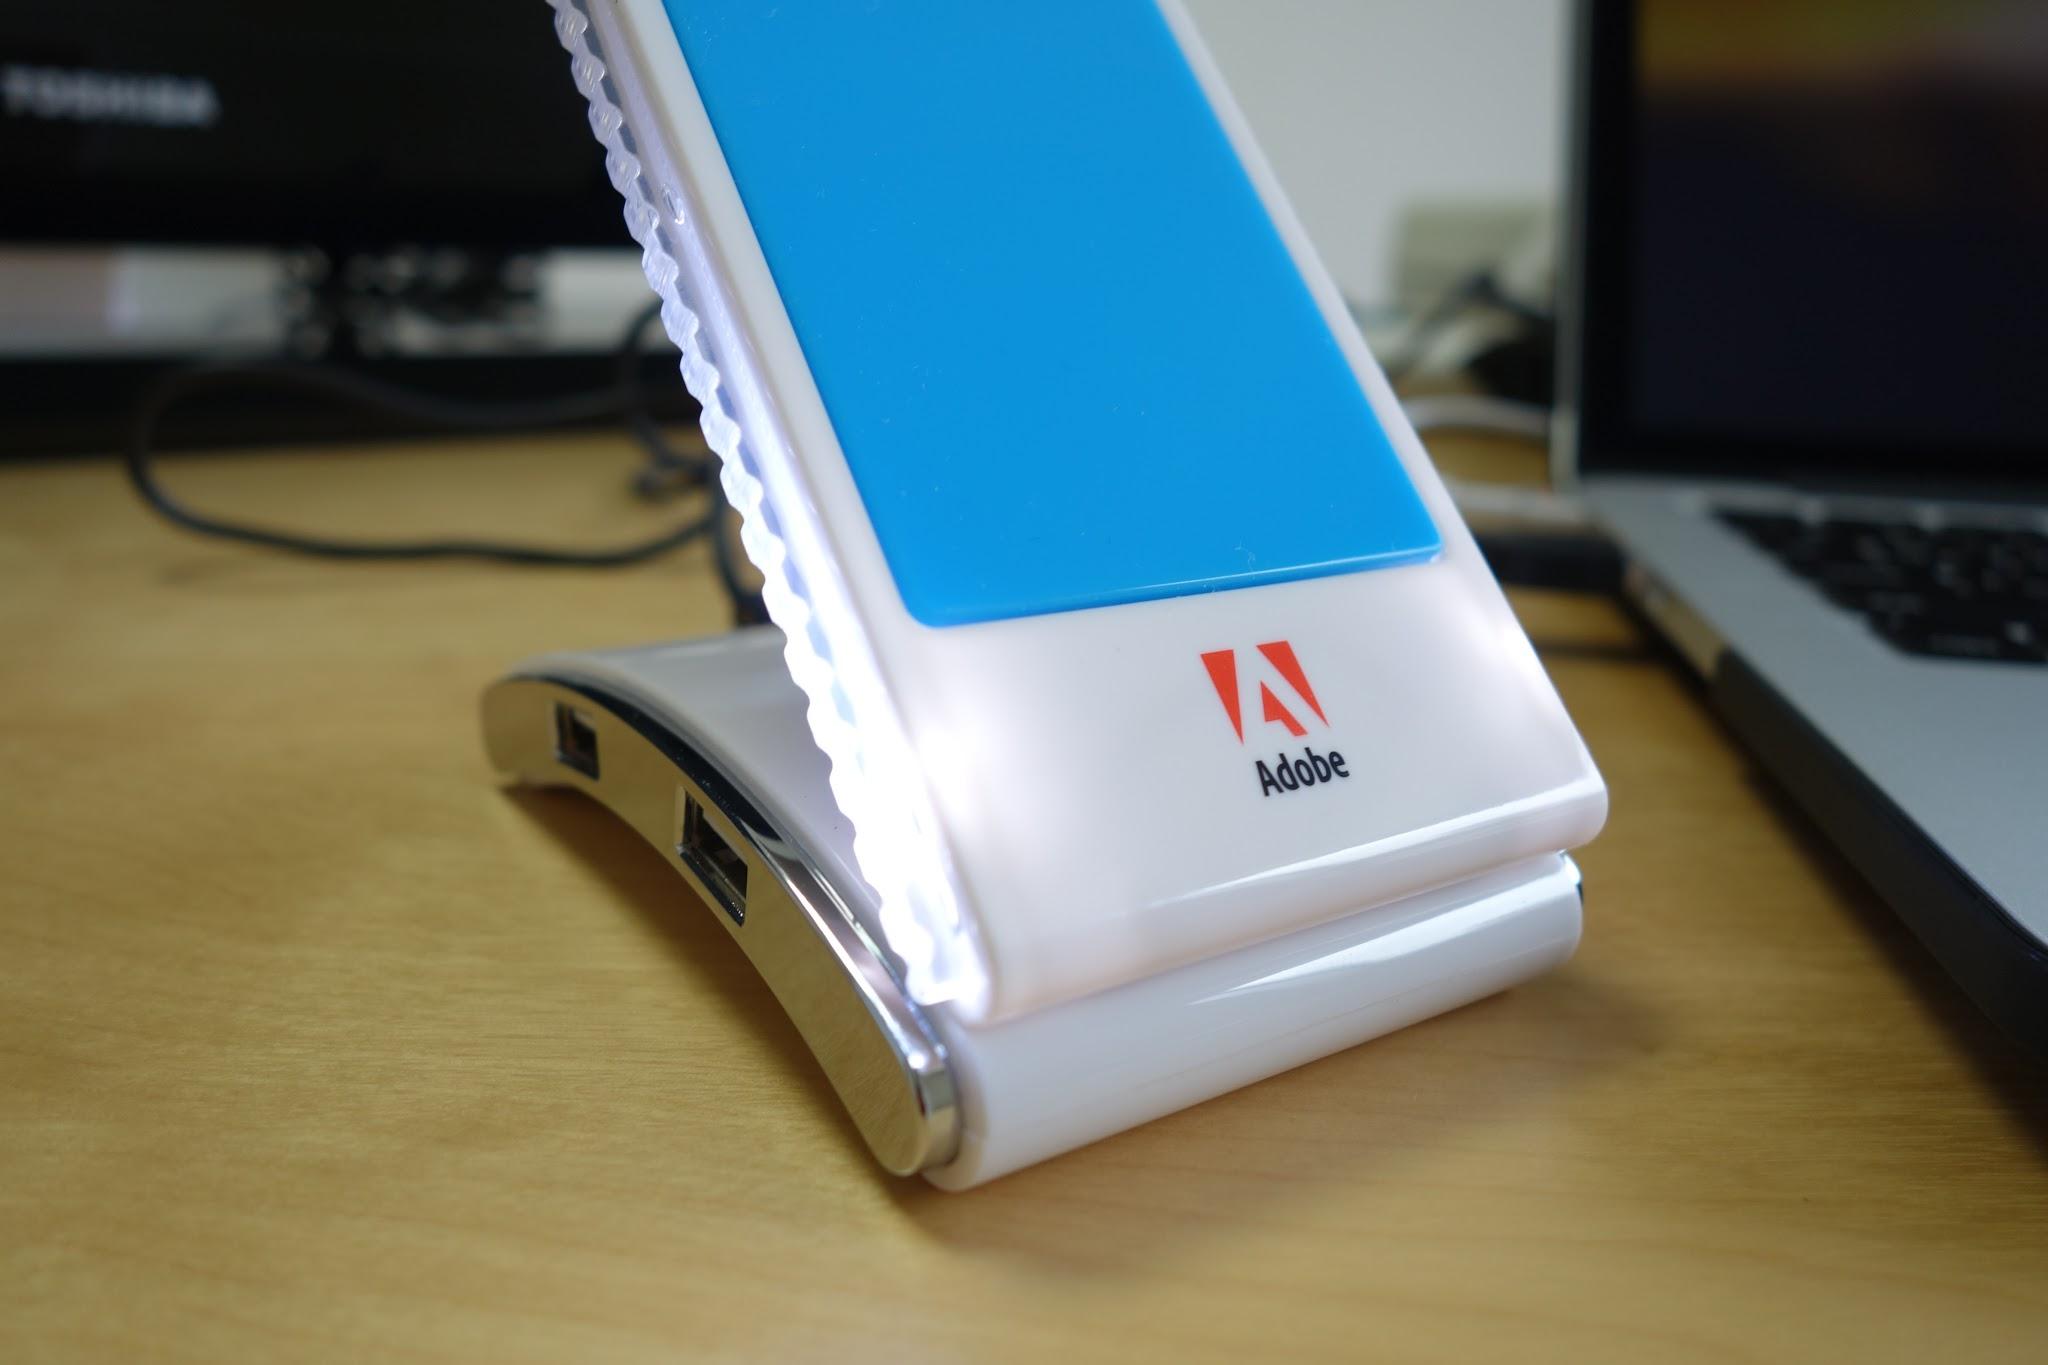 モバイルスタンドをゲット!USBハブにもなるしスマホ充電できるし意外と便利で大活躍